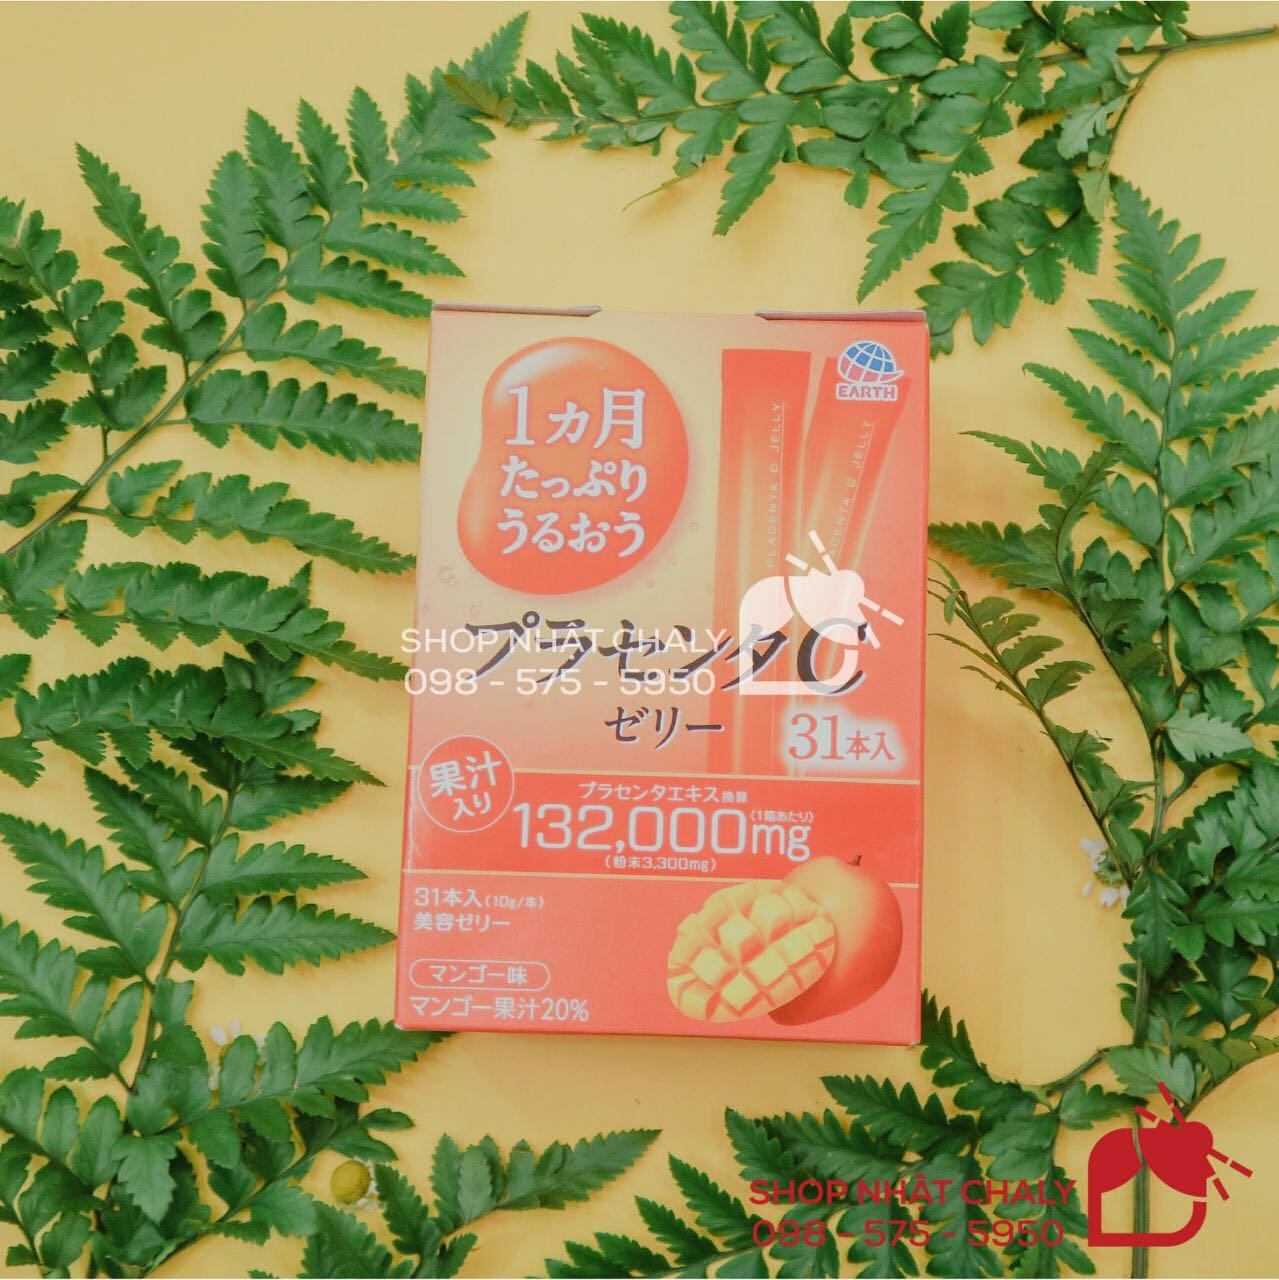 Thạch collagen otsuka skin c japan placenta jelly 132000mg kết hợp giữa collagen, nhau thai và 5 thành phần chống lão hoá cao cấp khác, trẻ hoá da hiệu quả từ bên trong